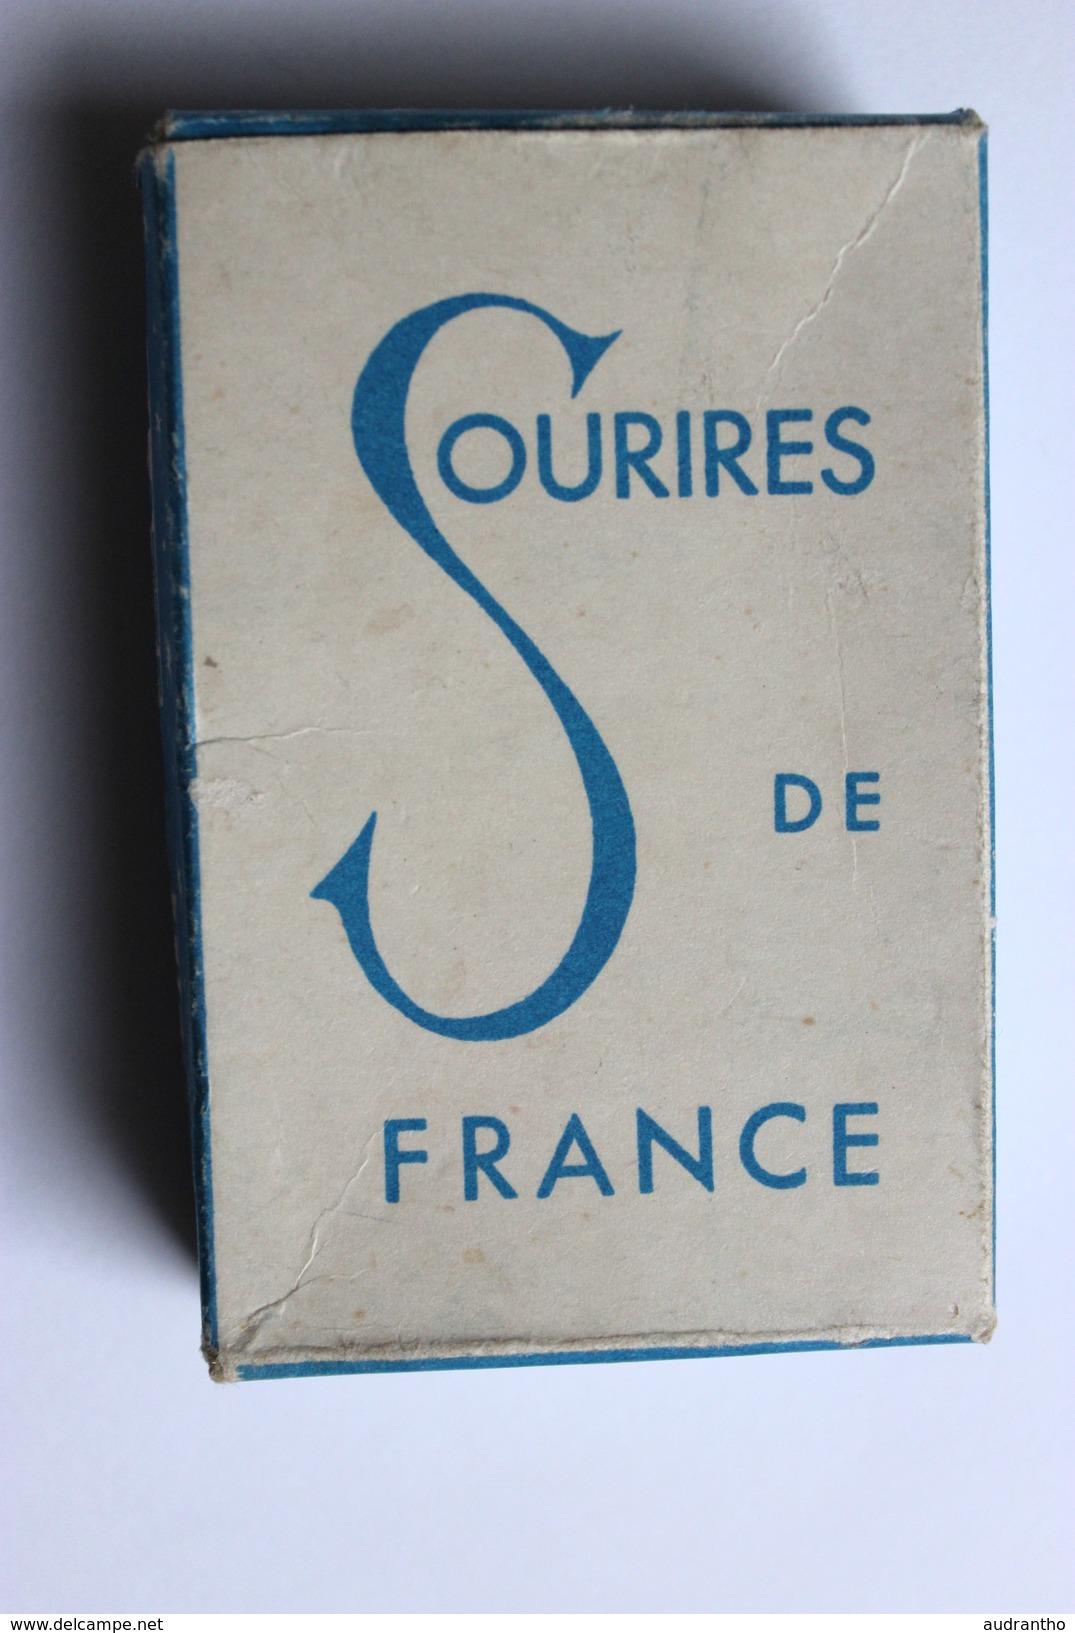 Carte à Jouer érotique Juan Les Pins Pin Up Sourires De France Belotte Tierce - Cartes à Jouer